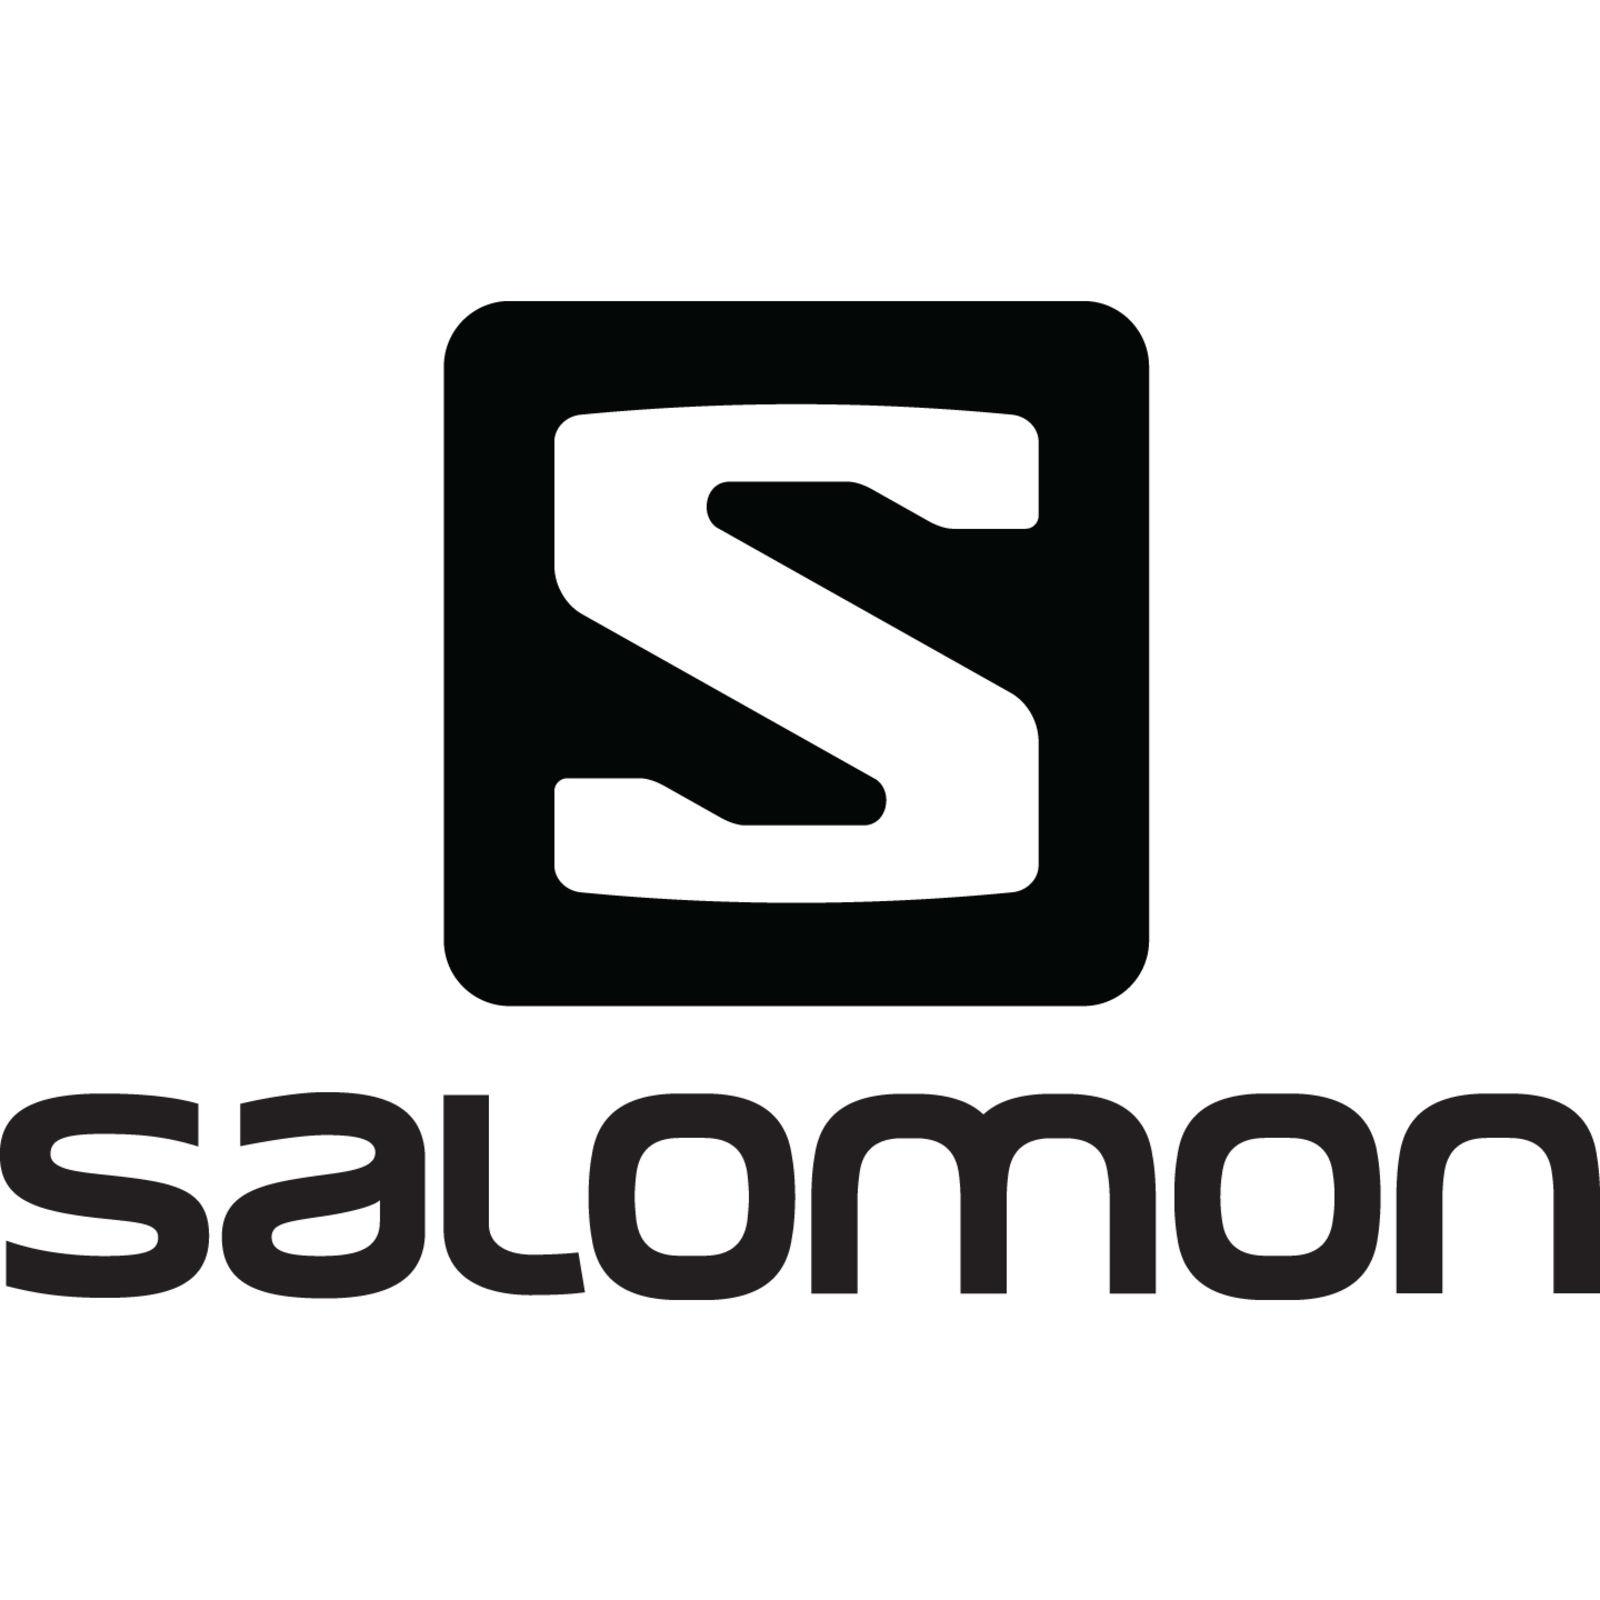 SALOMON (Bild 1)